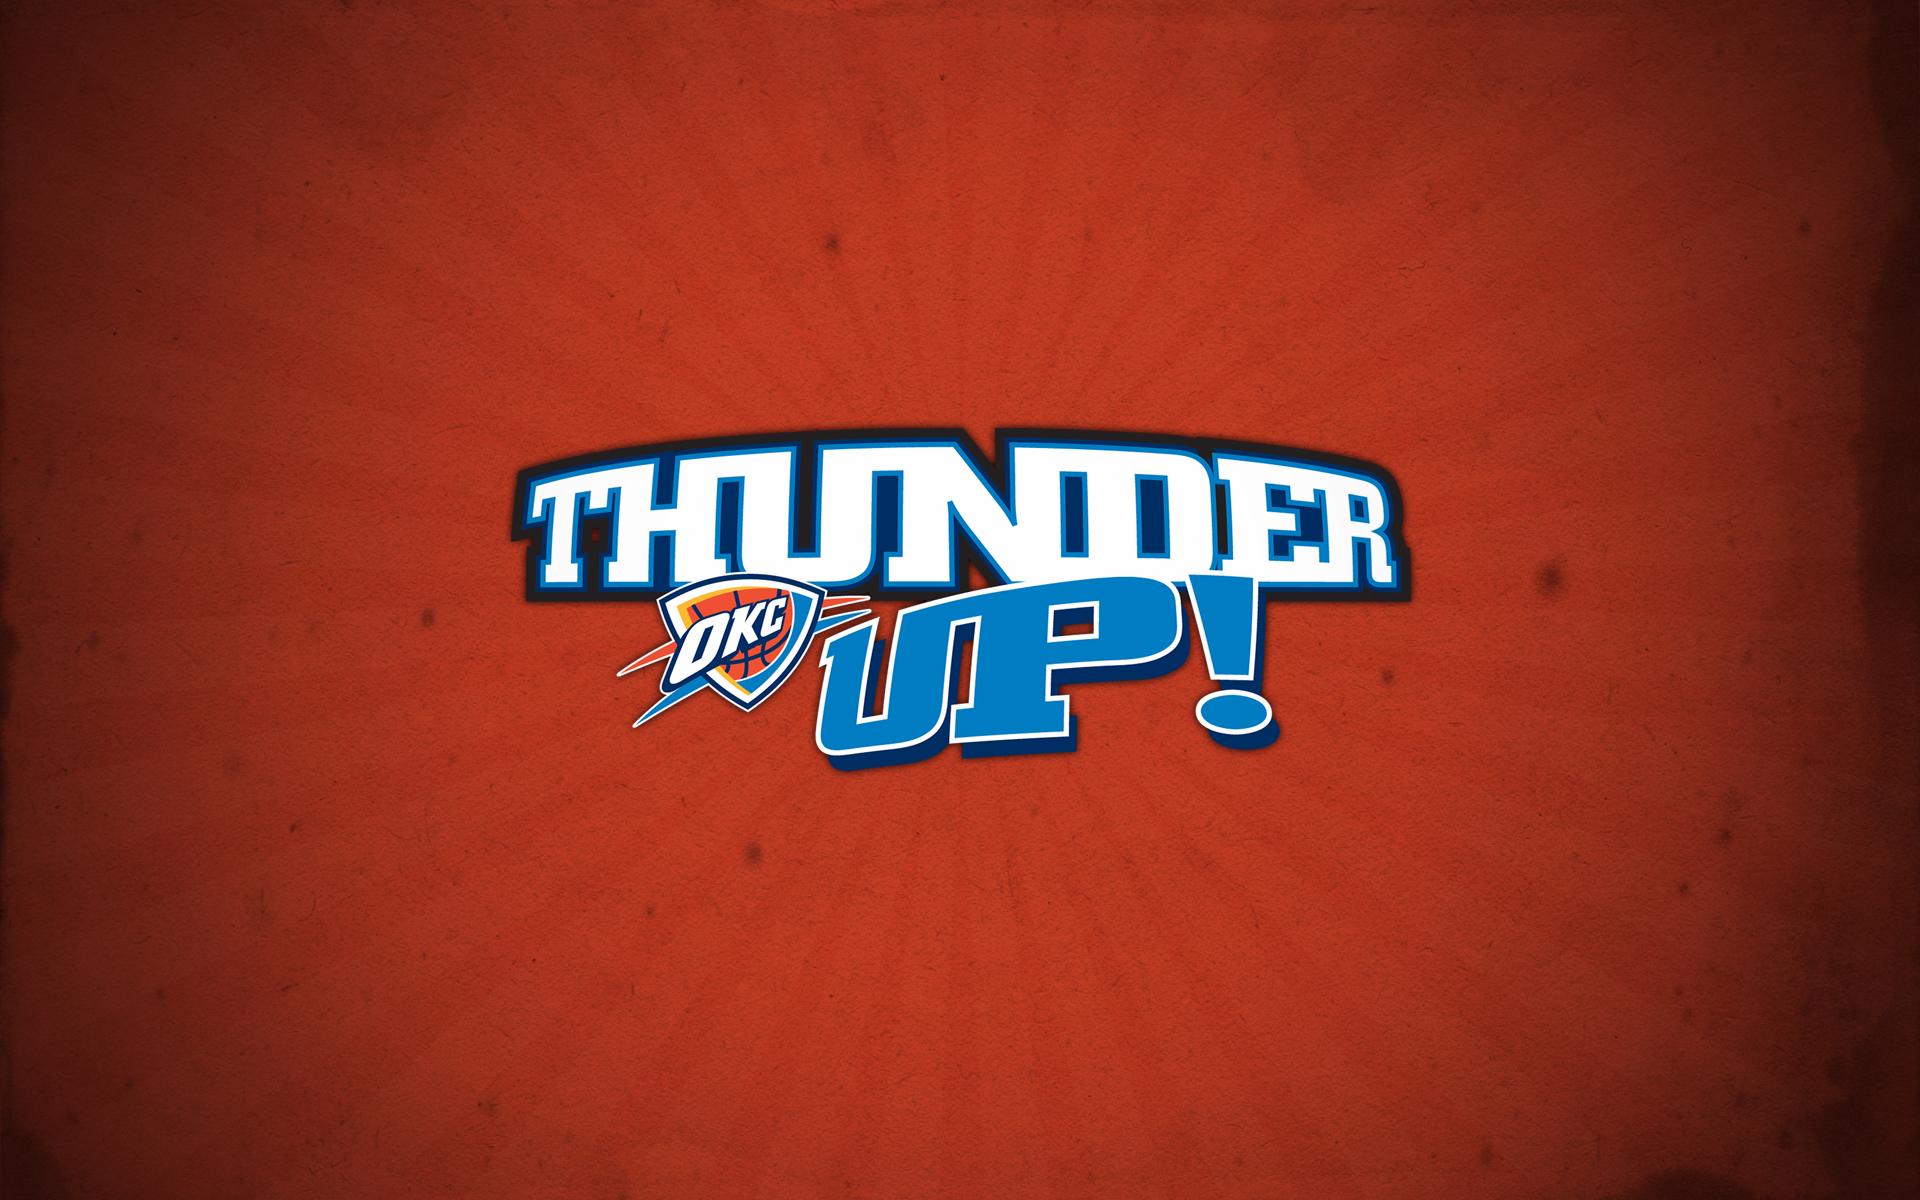 Okc Thunder Desktop Wallpaper